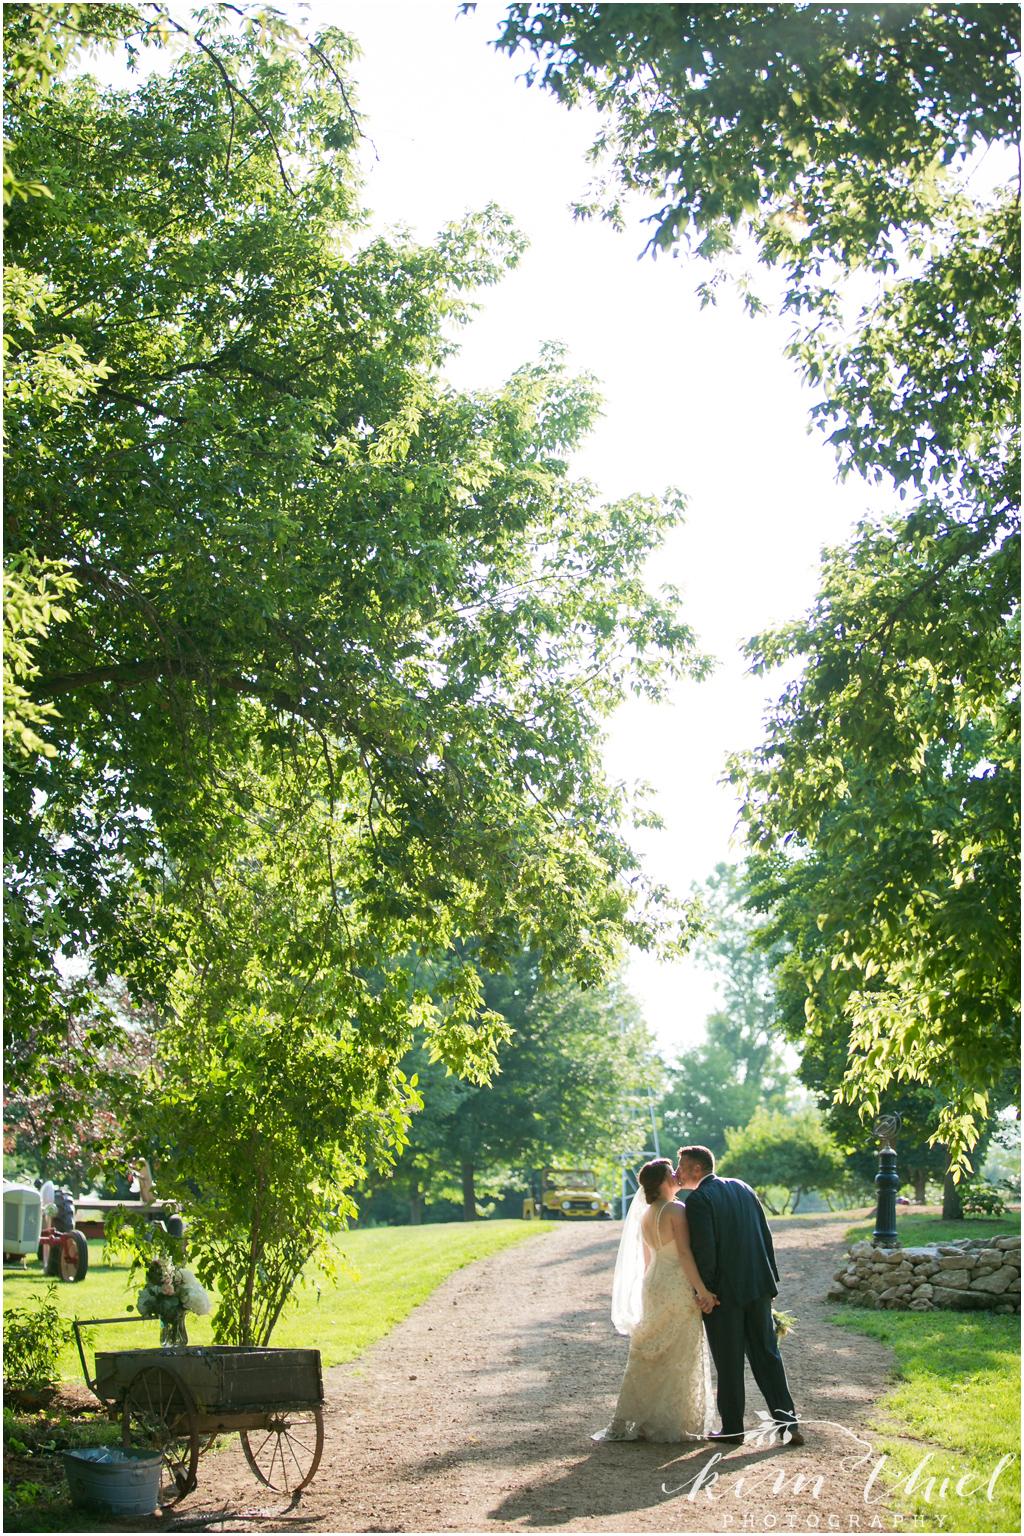 Kim-Thiel-Photography-Givens-Farm-Wedding-Portraits-2, Givens Farm Wedding Portraits